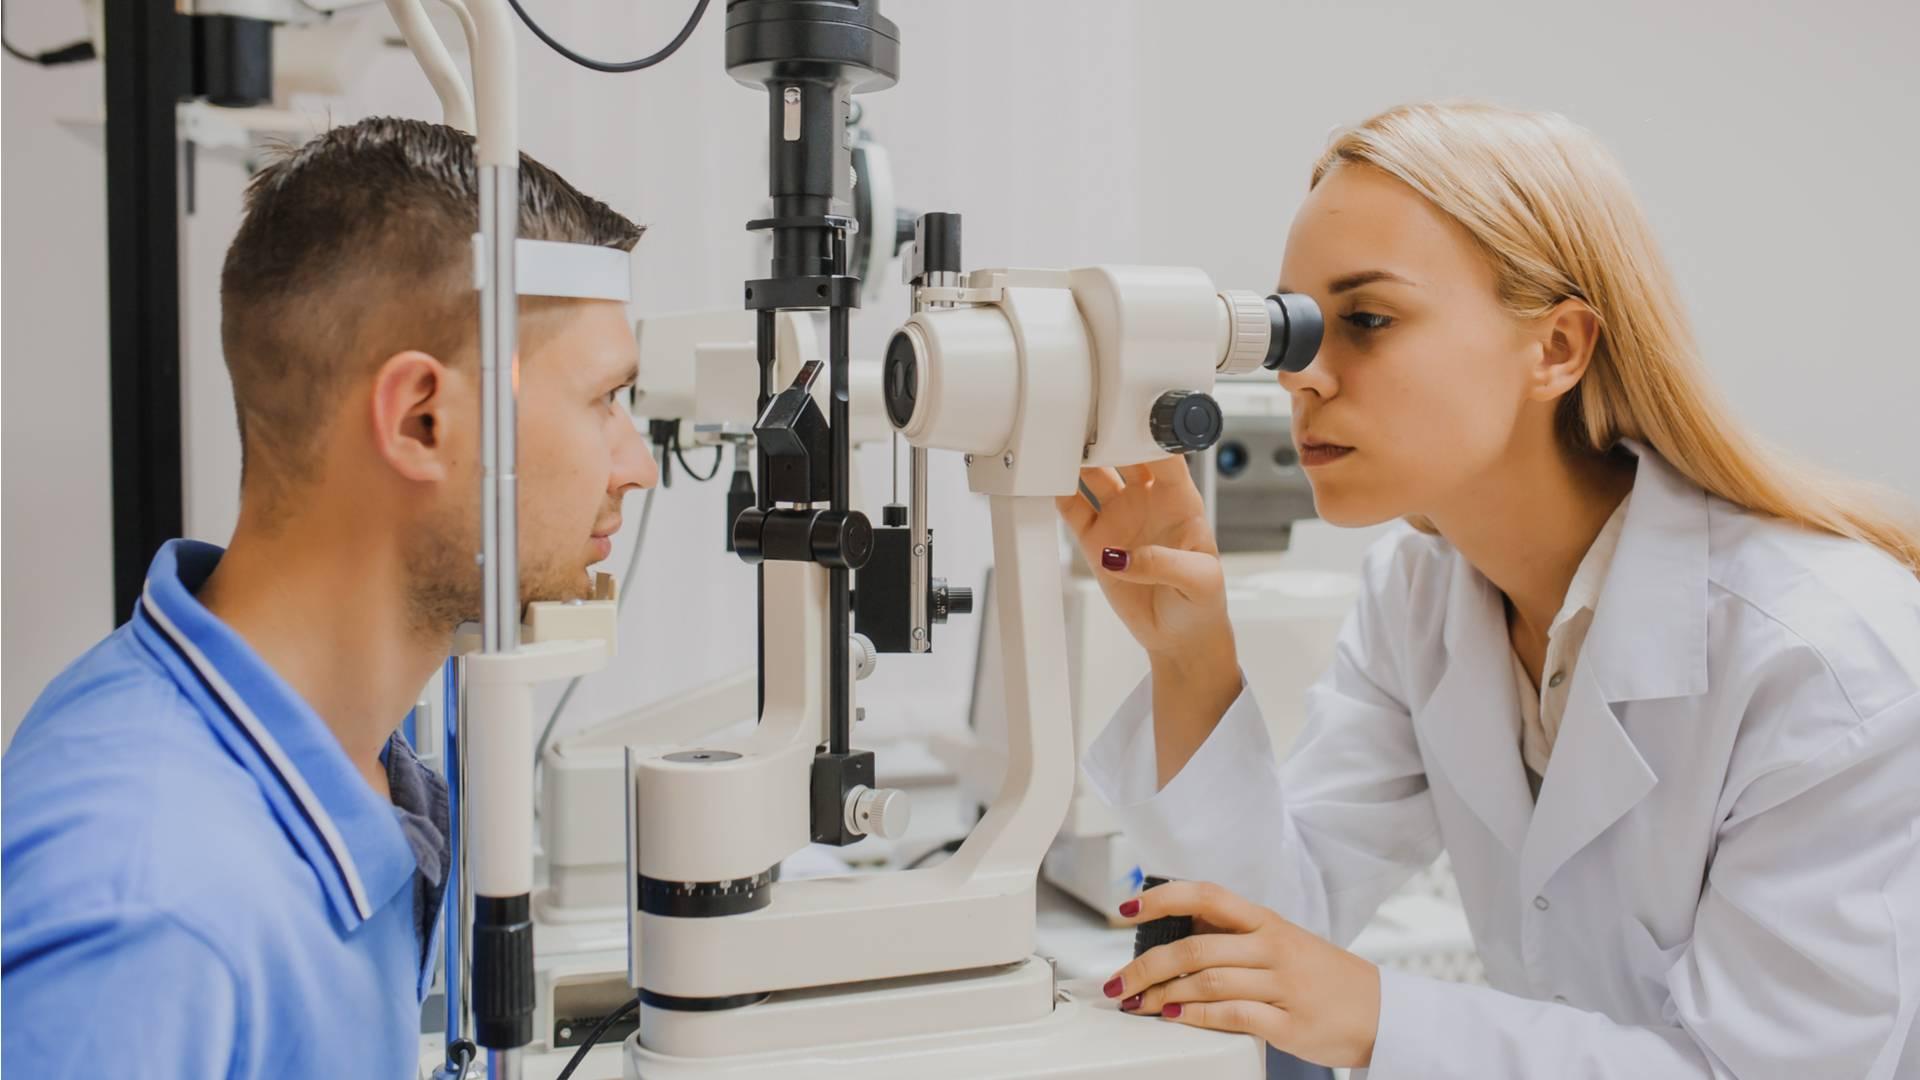 Биомикроскопия глаза - симптомы и лечение. журнал медикал